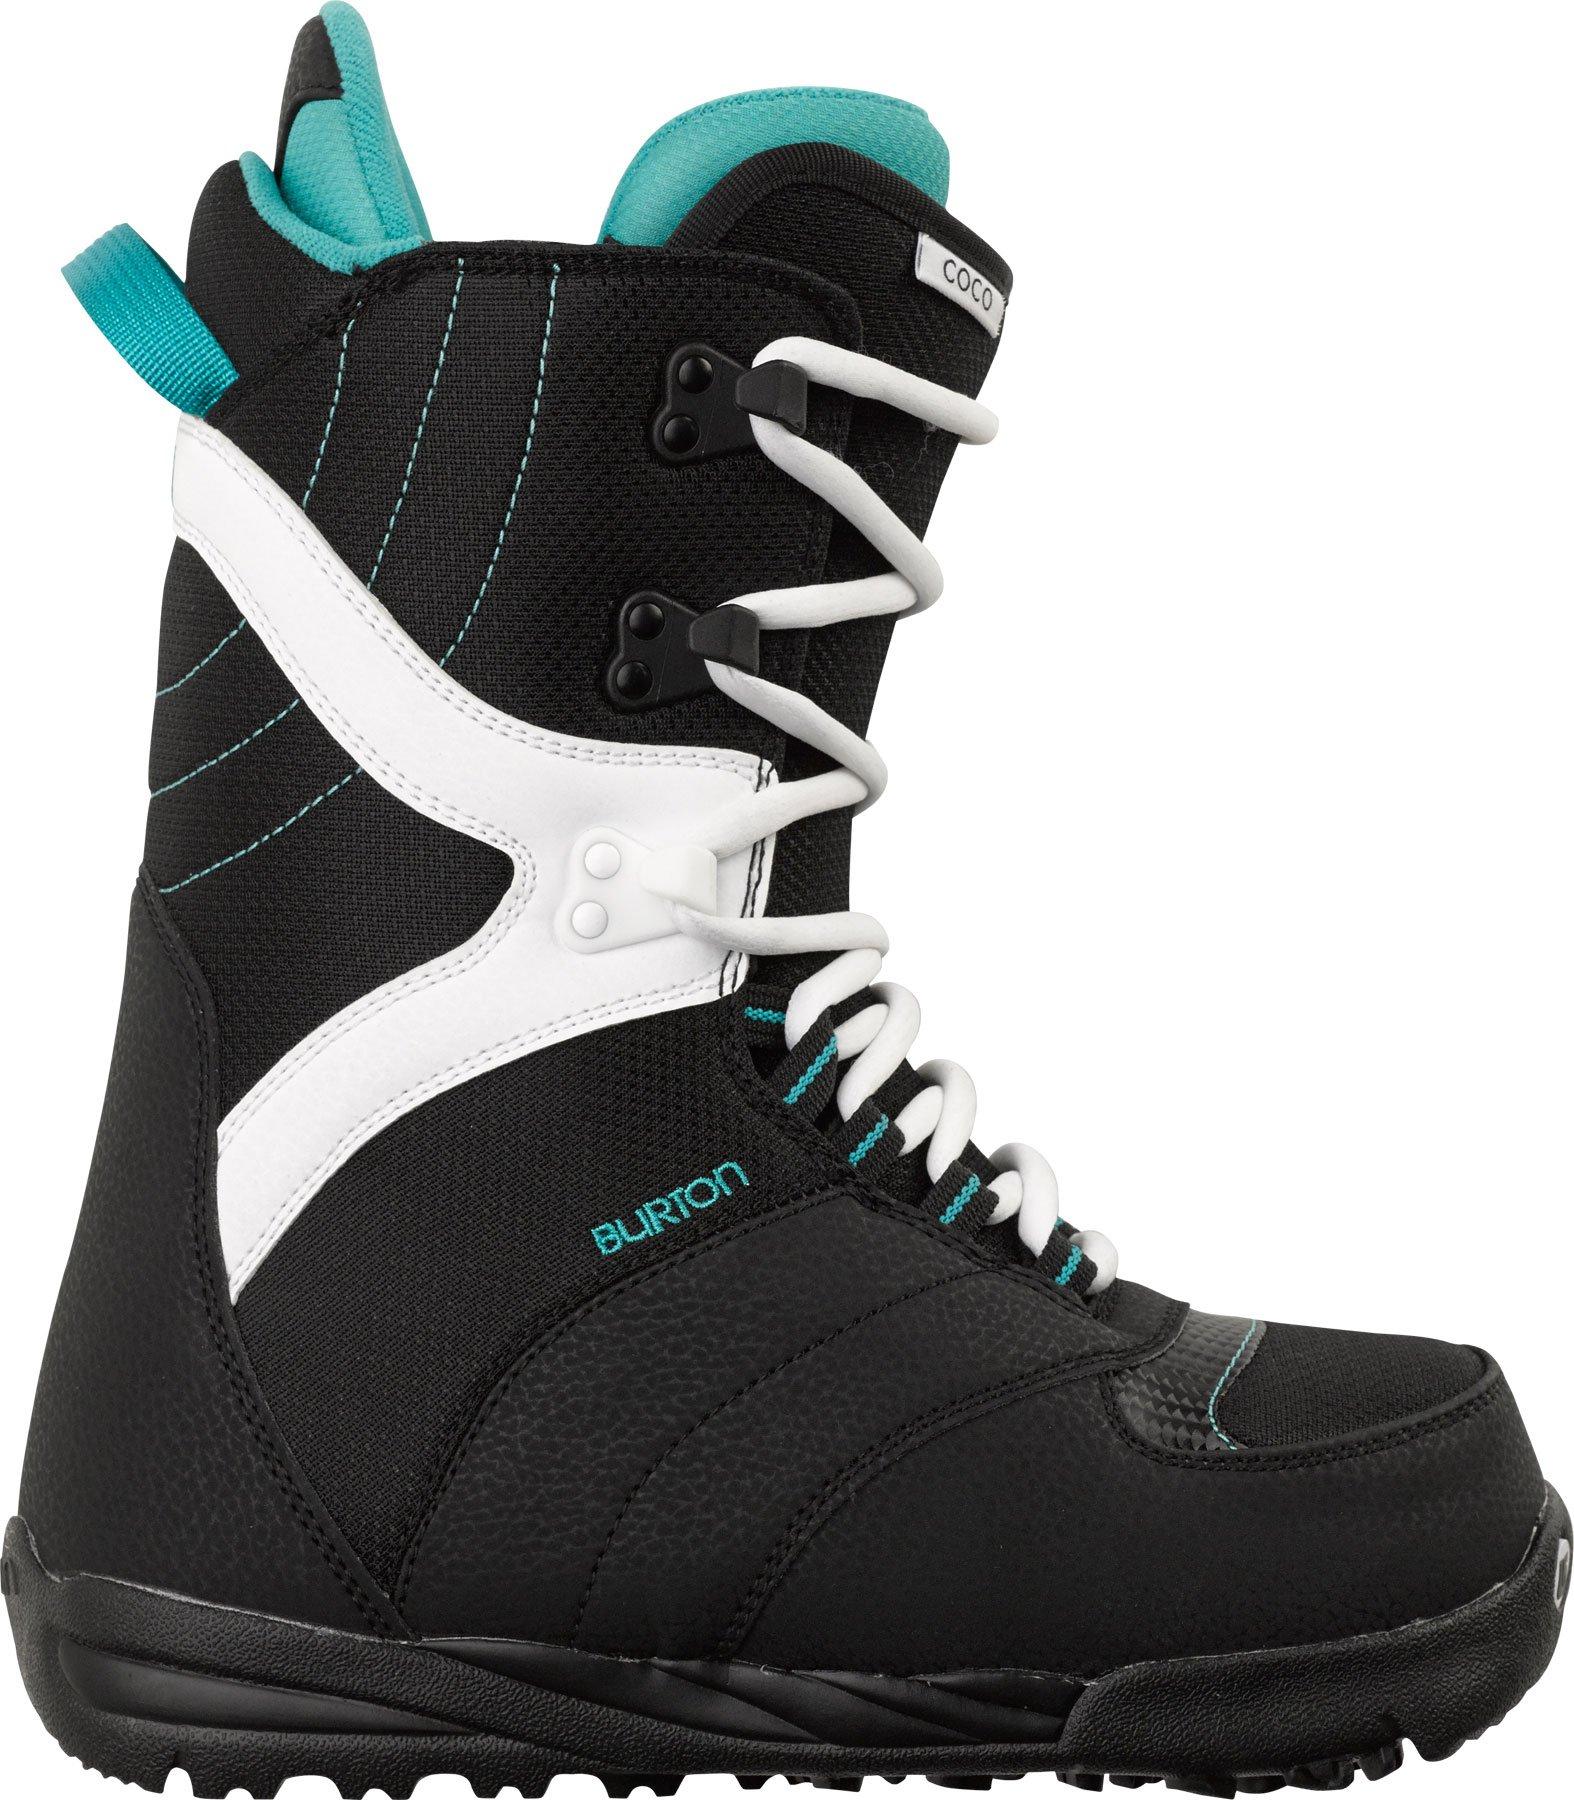 Burton Coco Snowboard Boot 2014, Black/White, 4